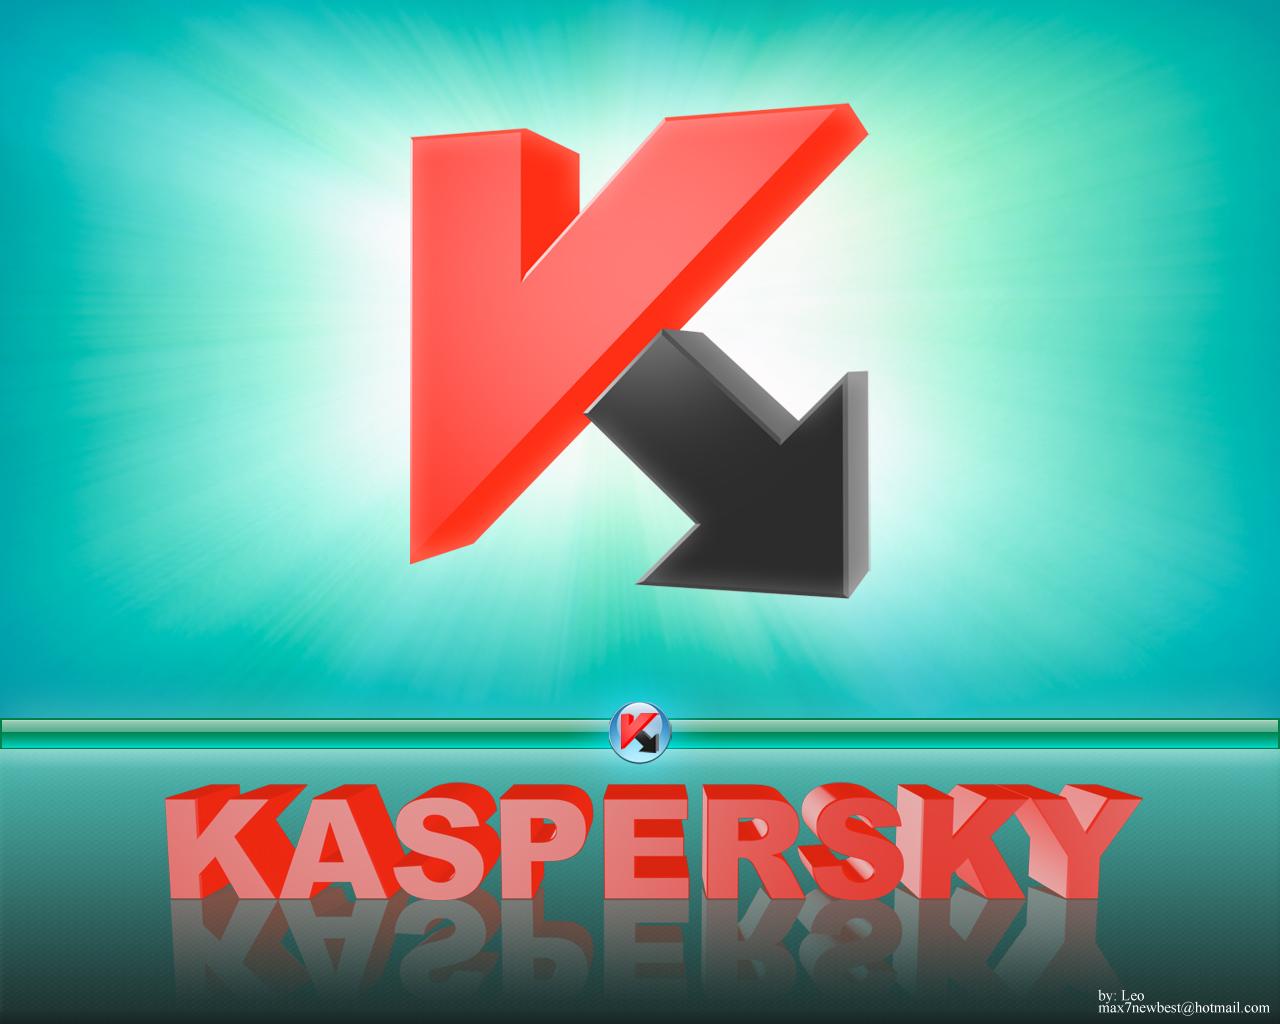 كاسبرسكاي